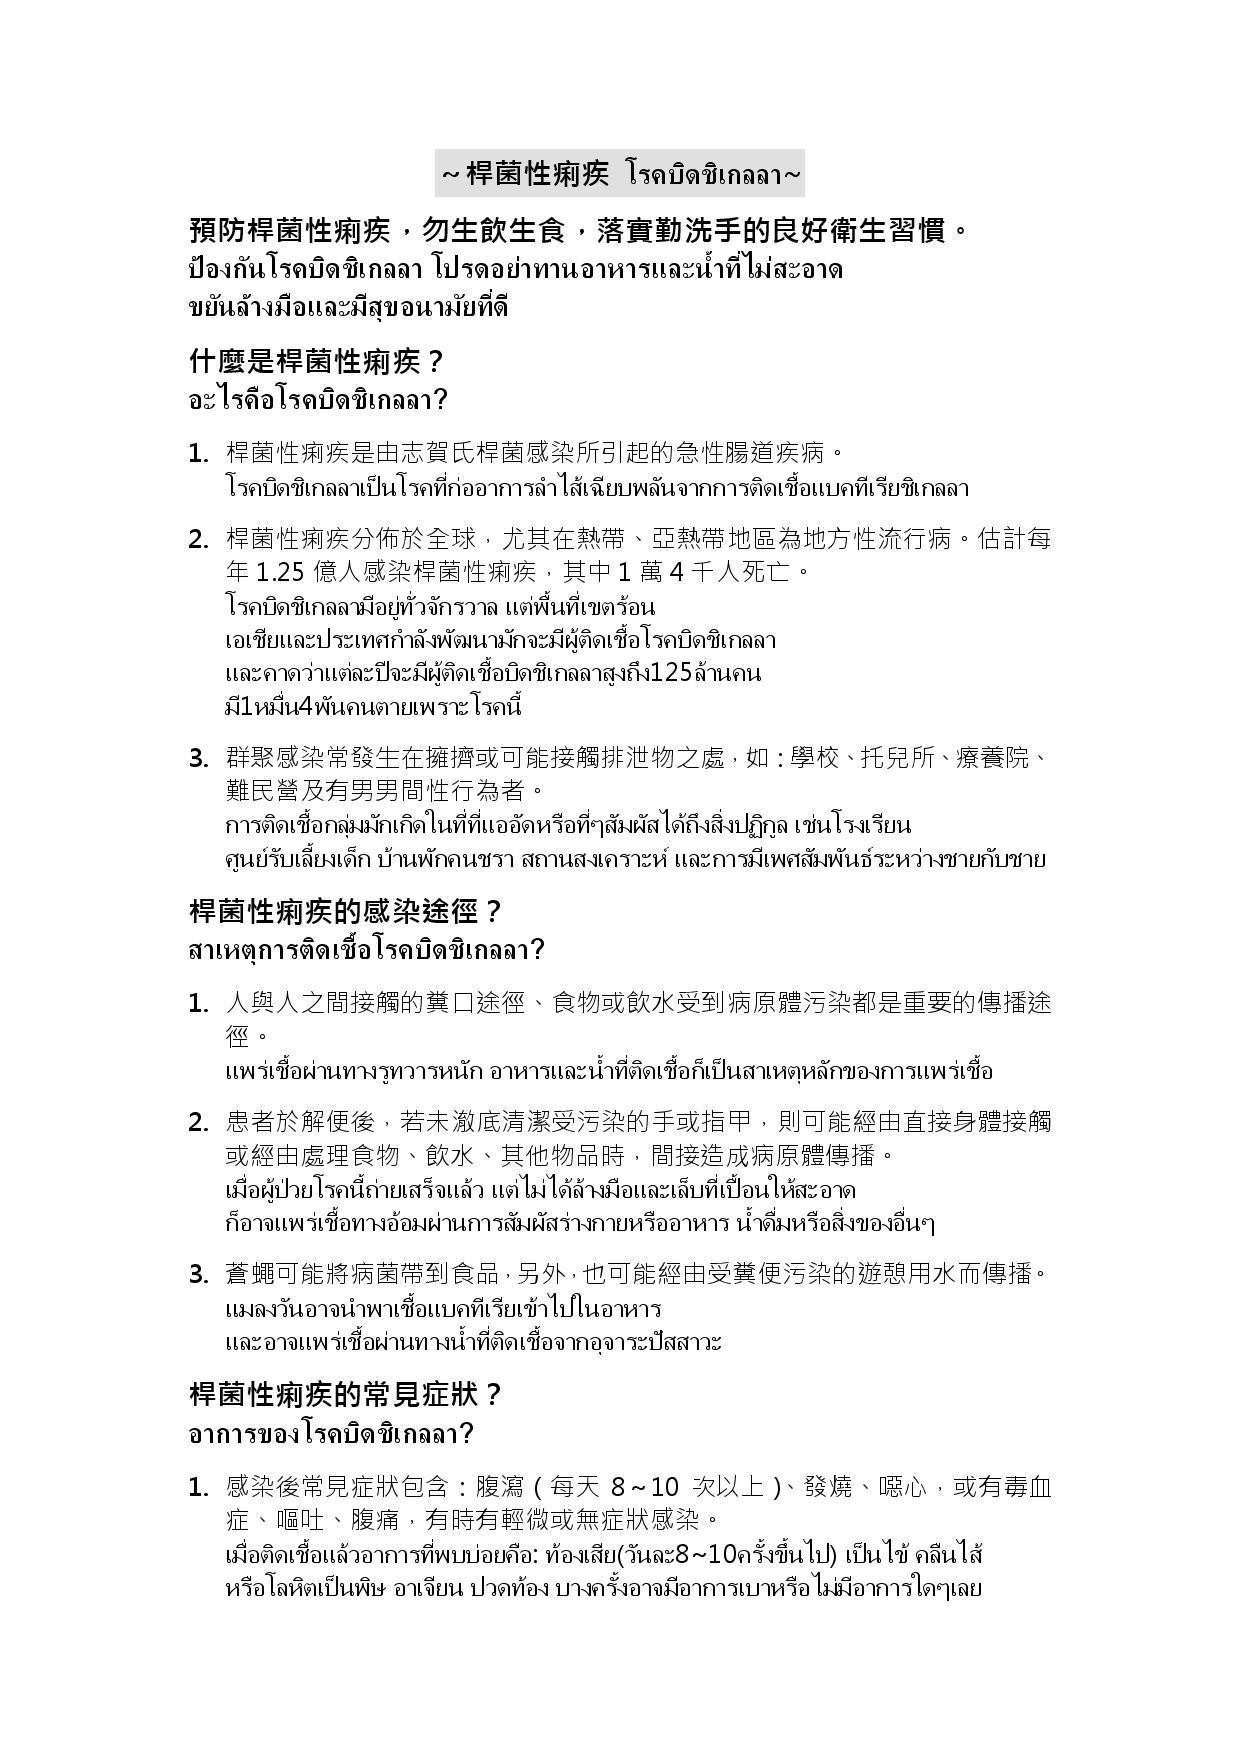 詳如附件【คลิก】ป้องกันโรคบิดชิเกลลา(หน้า 1)預防桿菌性痢疾(泰文)